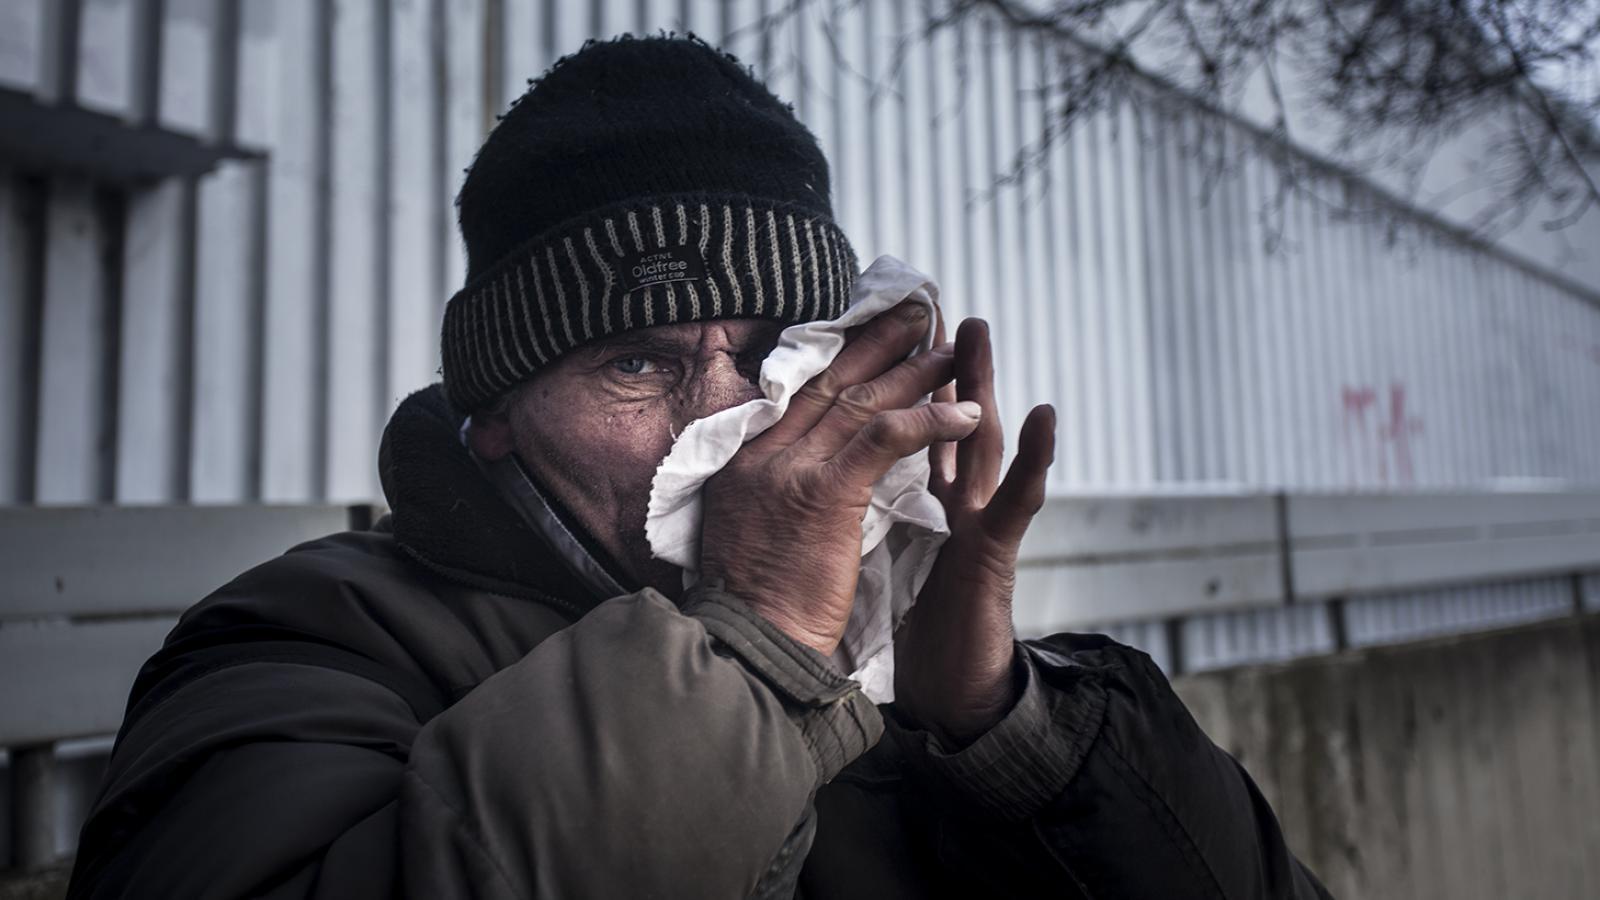 Dnes nad ránem spadla teplota v Praze 7 na -13°C. Jak přežívá tyto mrazy bezdomovec, který získal od radnice ocenění za záchranu lidského života?